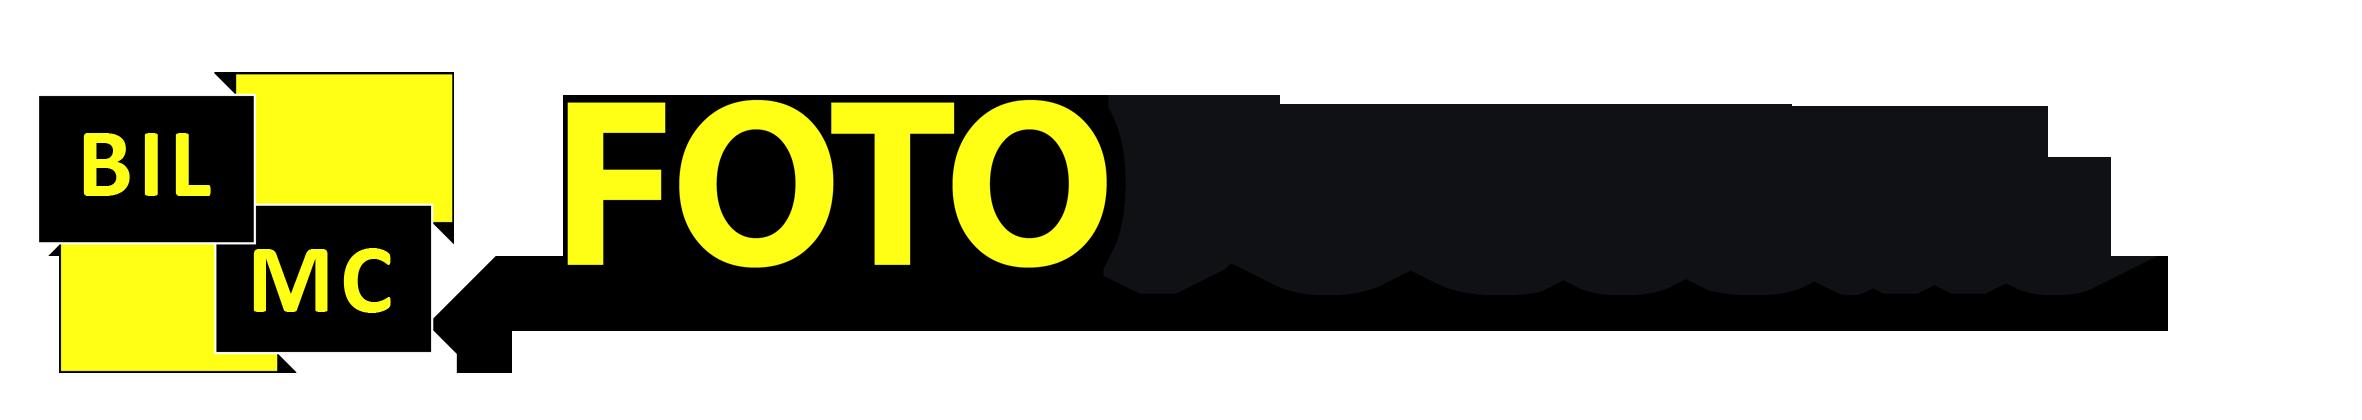 Fotofocus logo